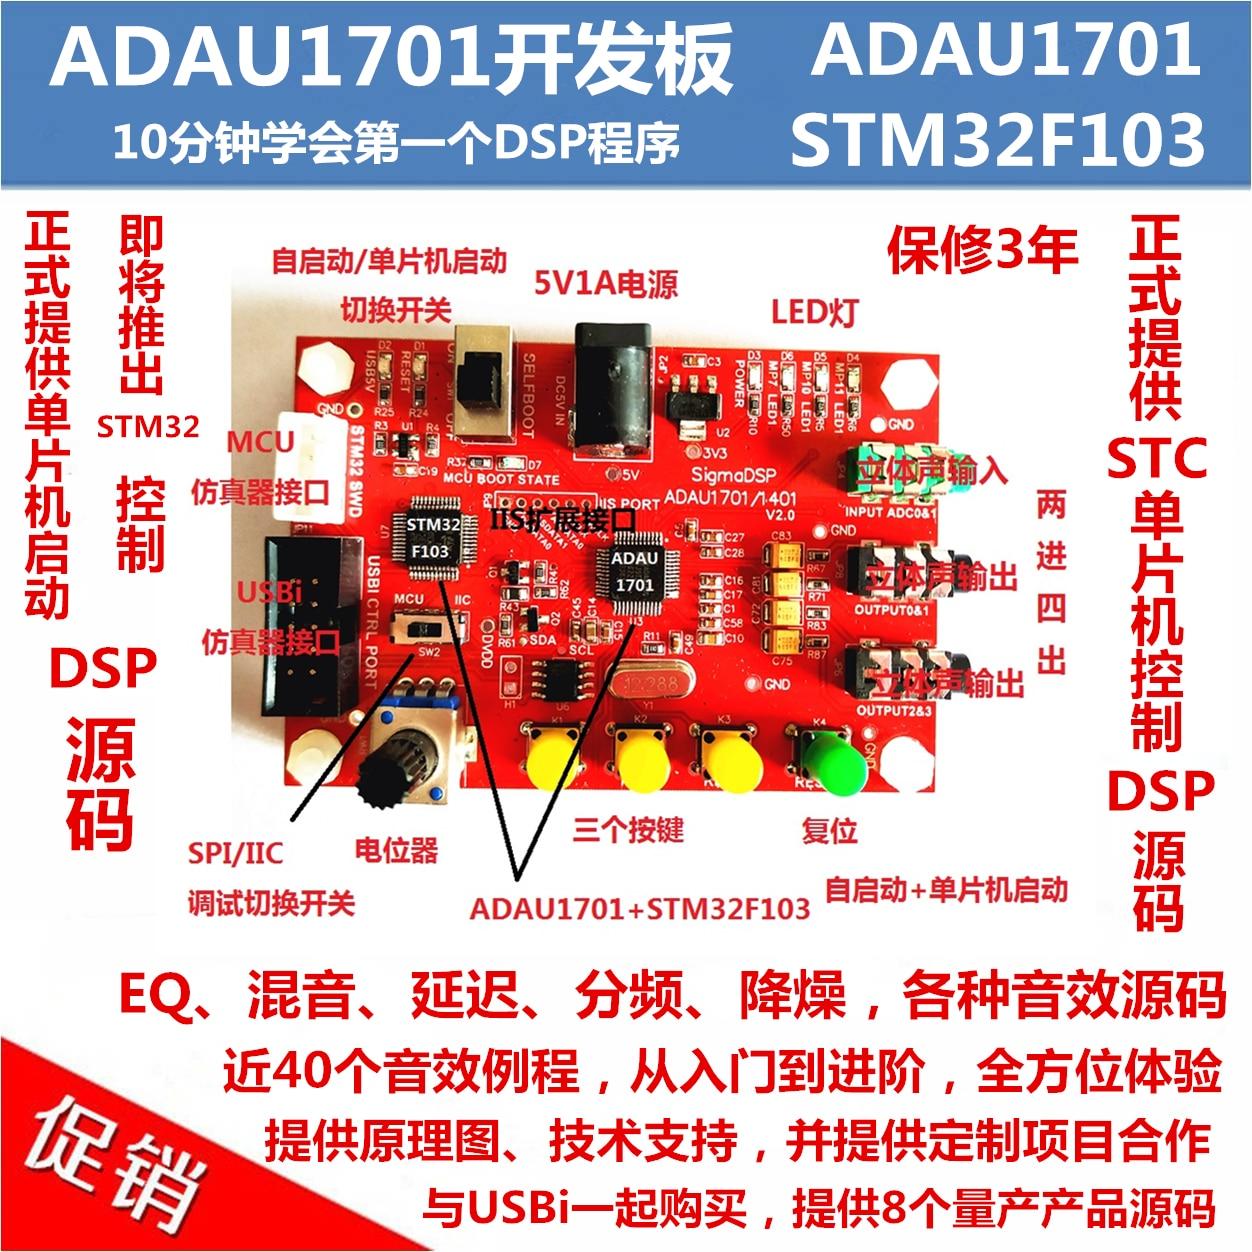 ADAU1701 Development Board/MCU+DSP/Sigma DSP Development BoardADAU1701 Development Board/MCU+DSP/Sigma DSP Development Board